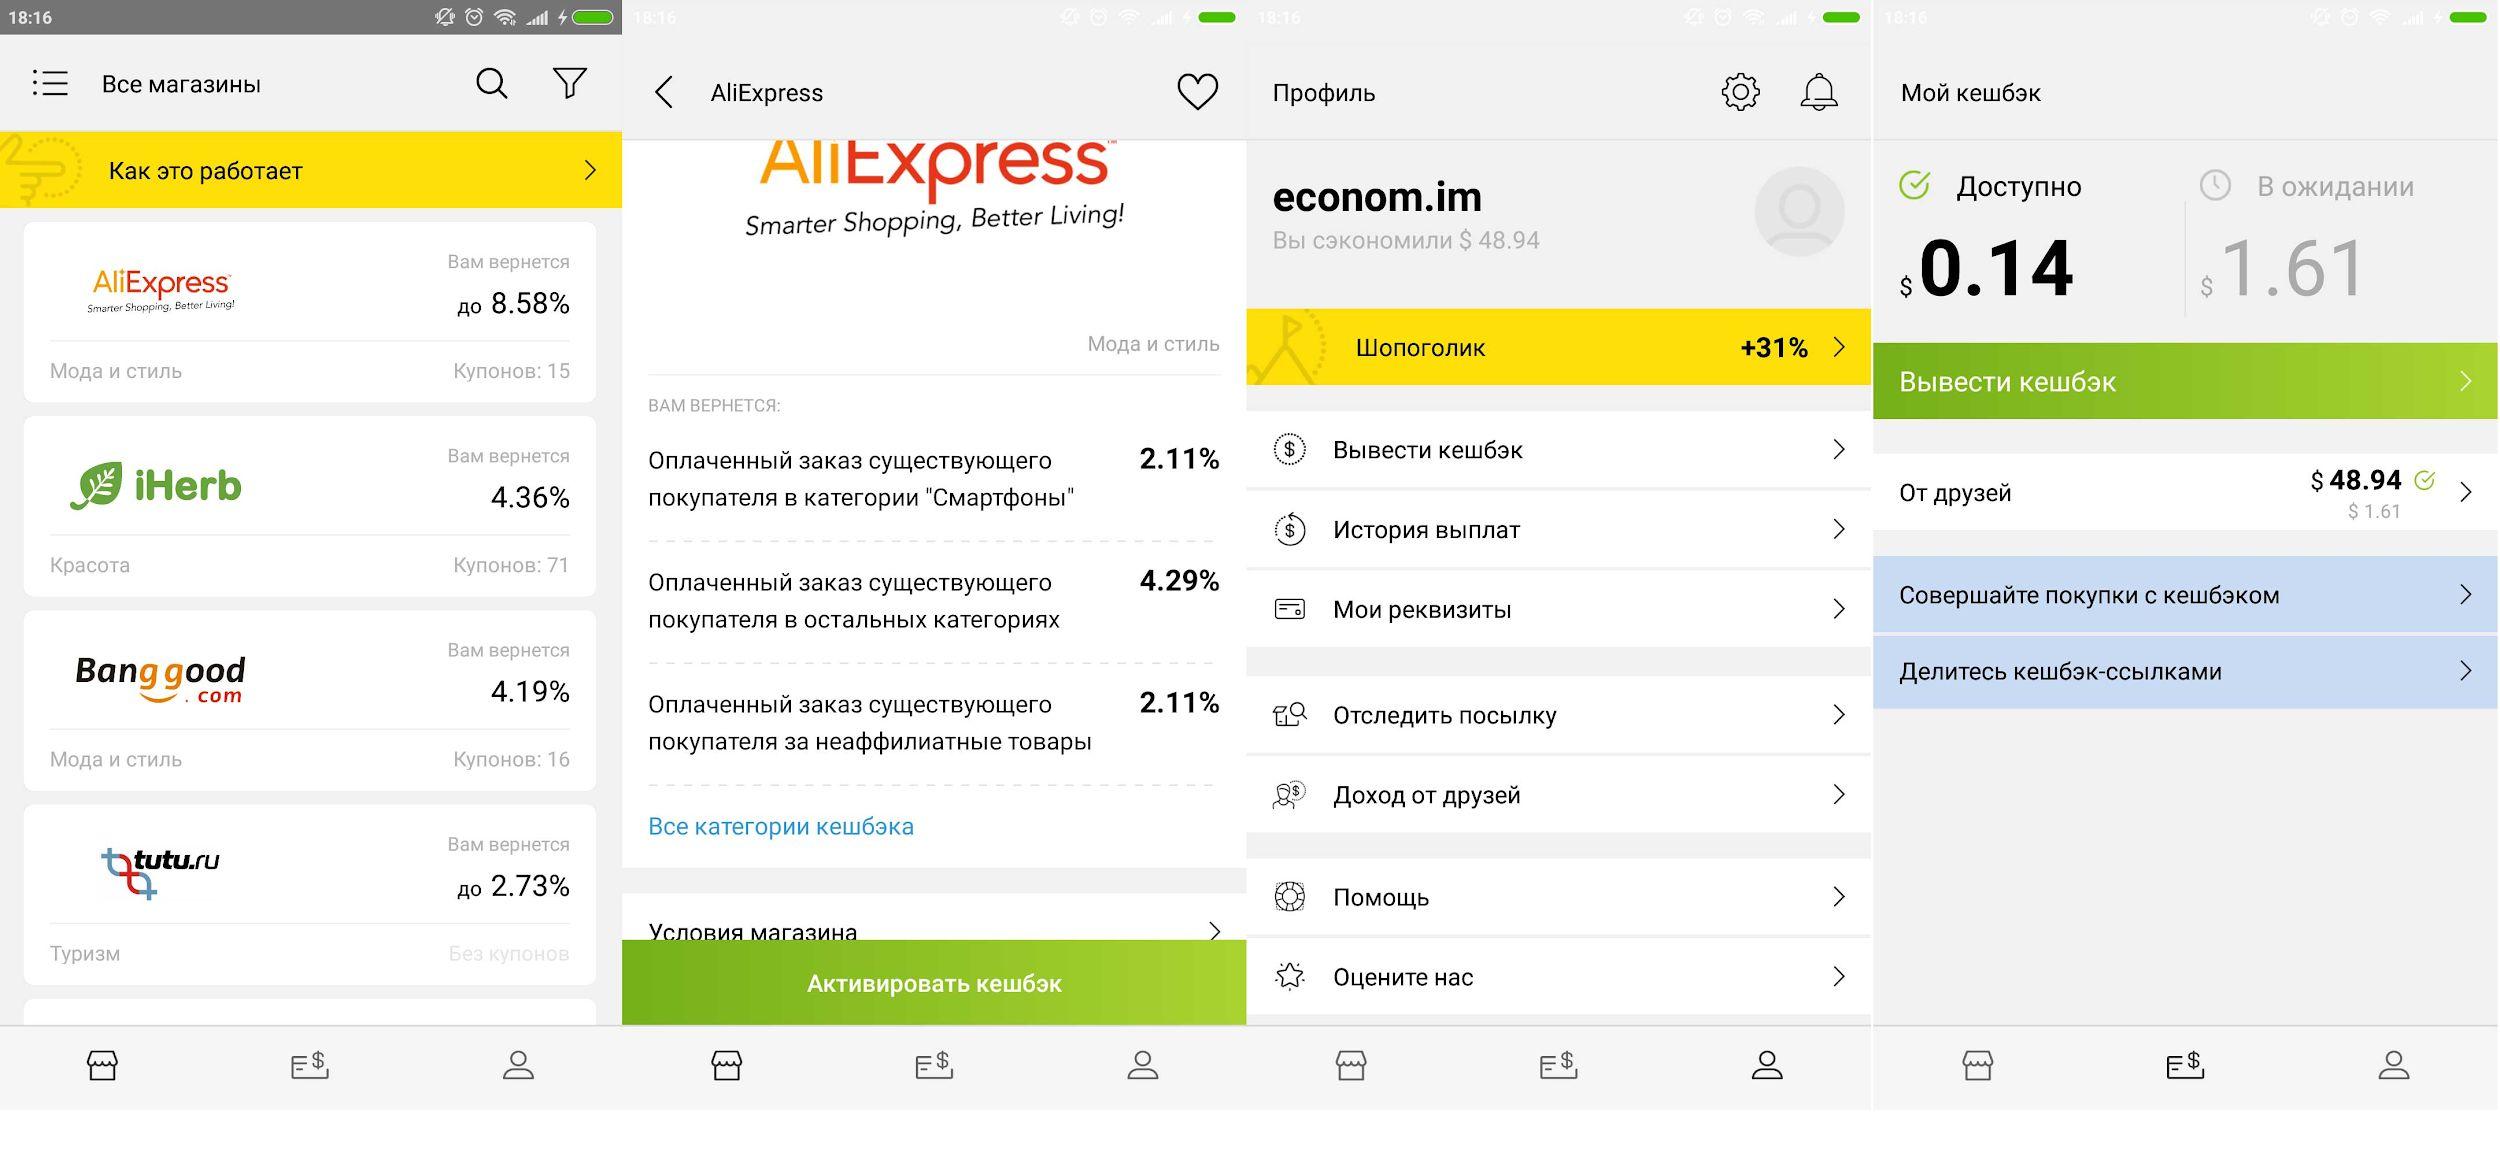 Мобильные приложения кэшбэк сервисов: как выбрать лучшее? 7 | Back.One